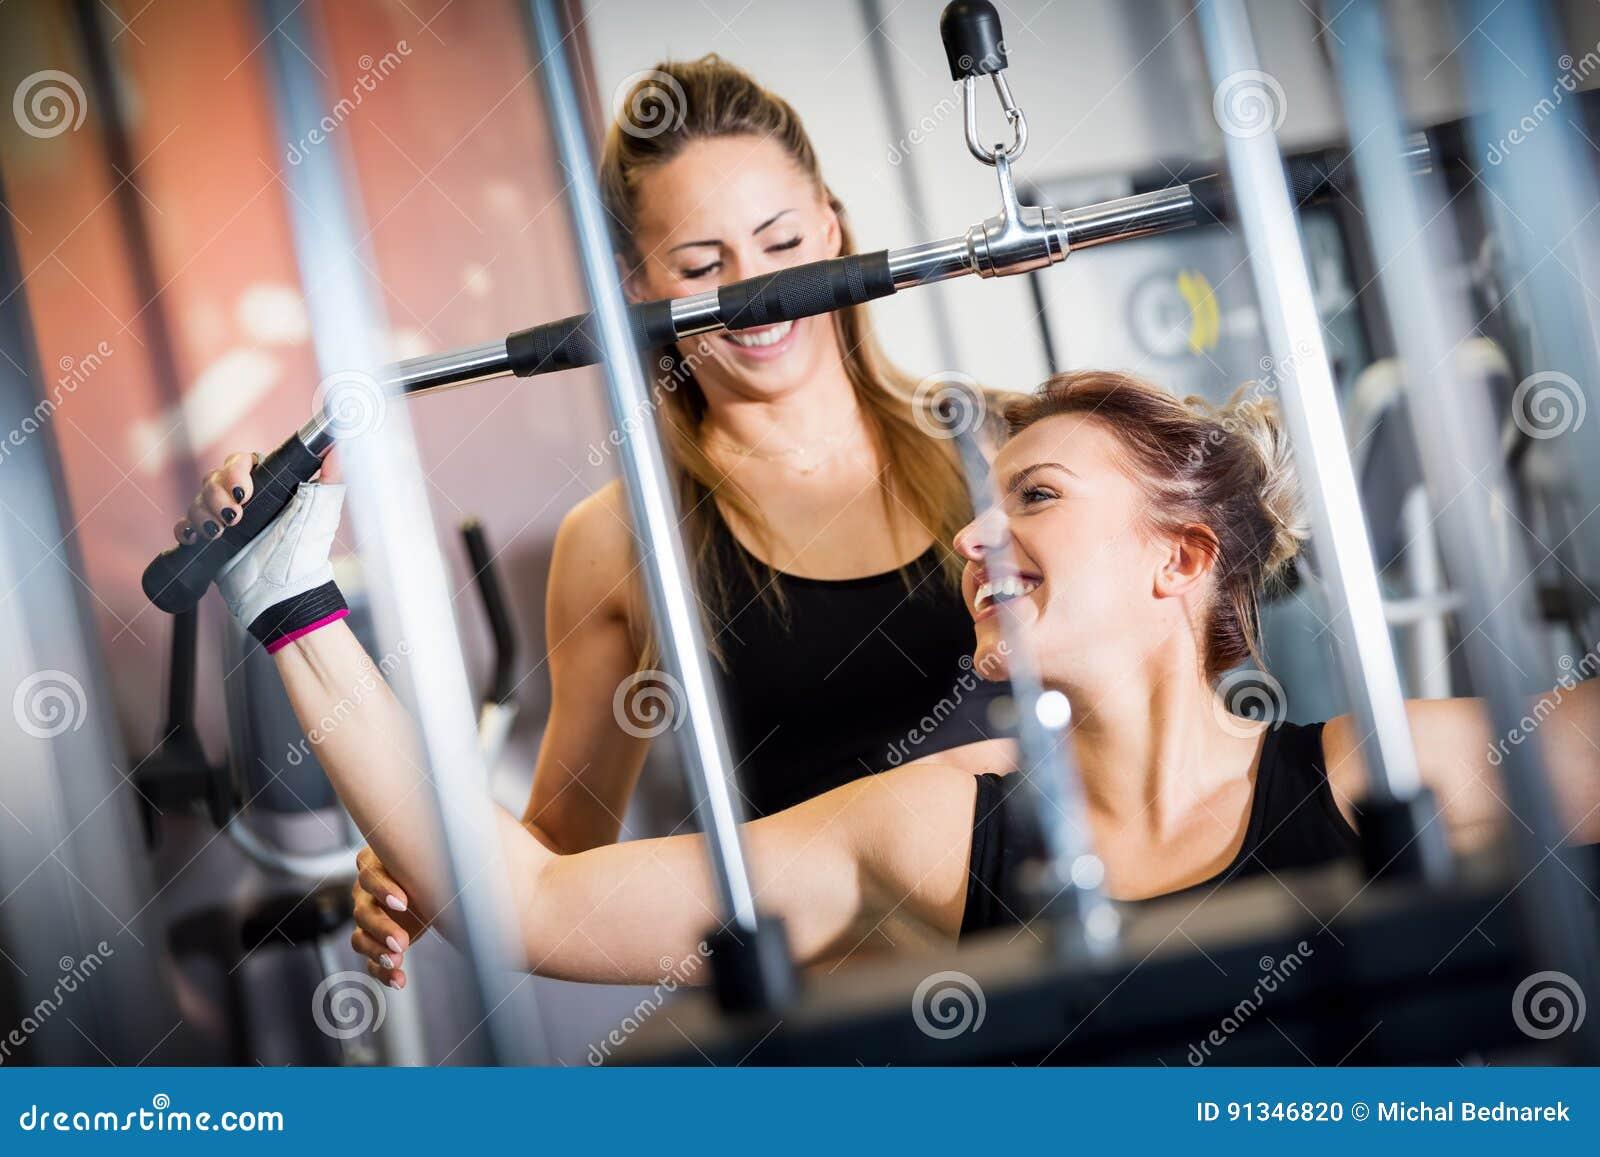 Persönliche Trainerhilfen beim Turnhallenausrüstungstraining